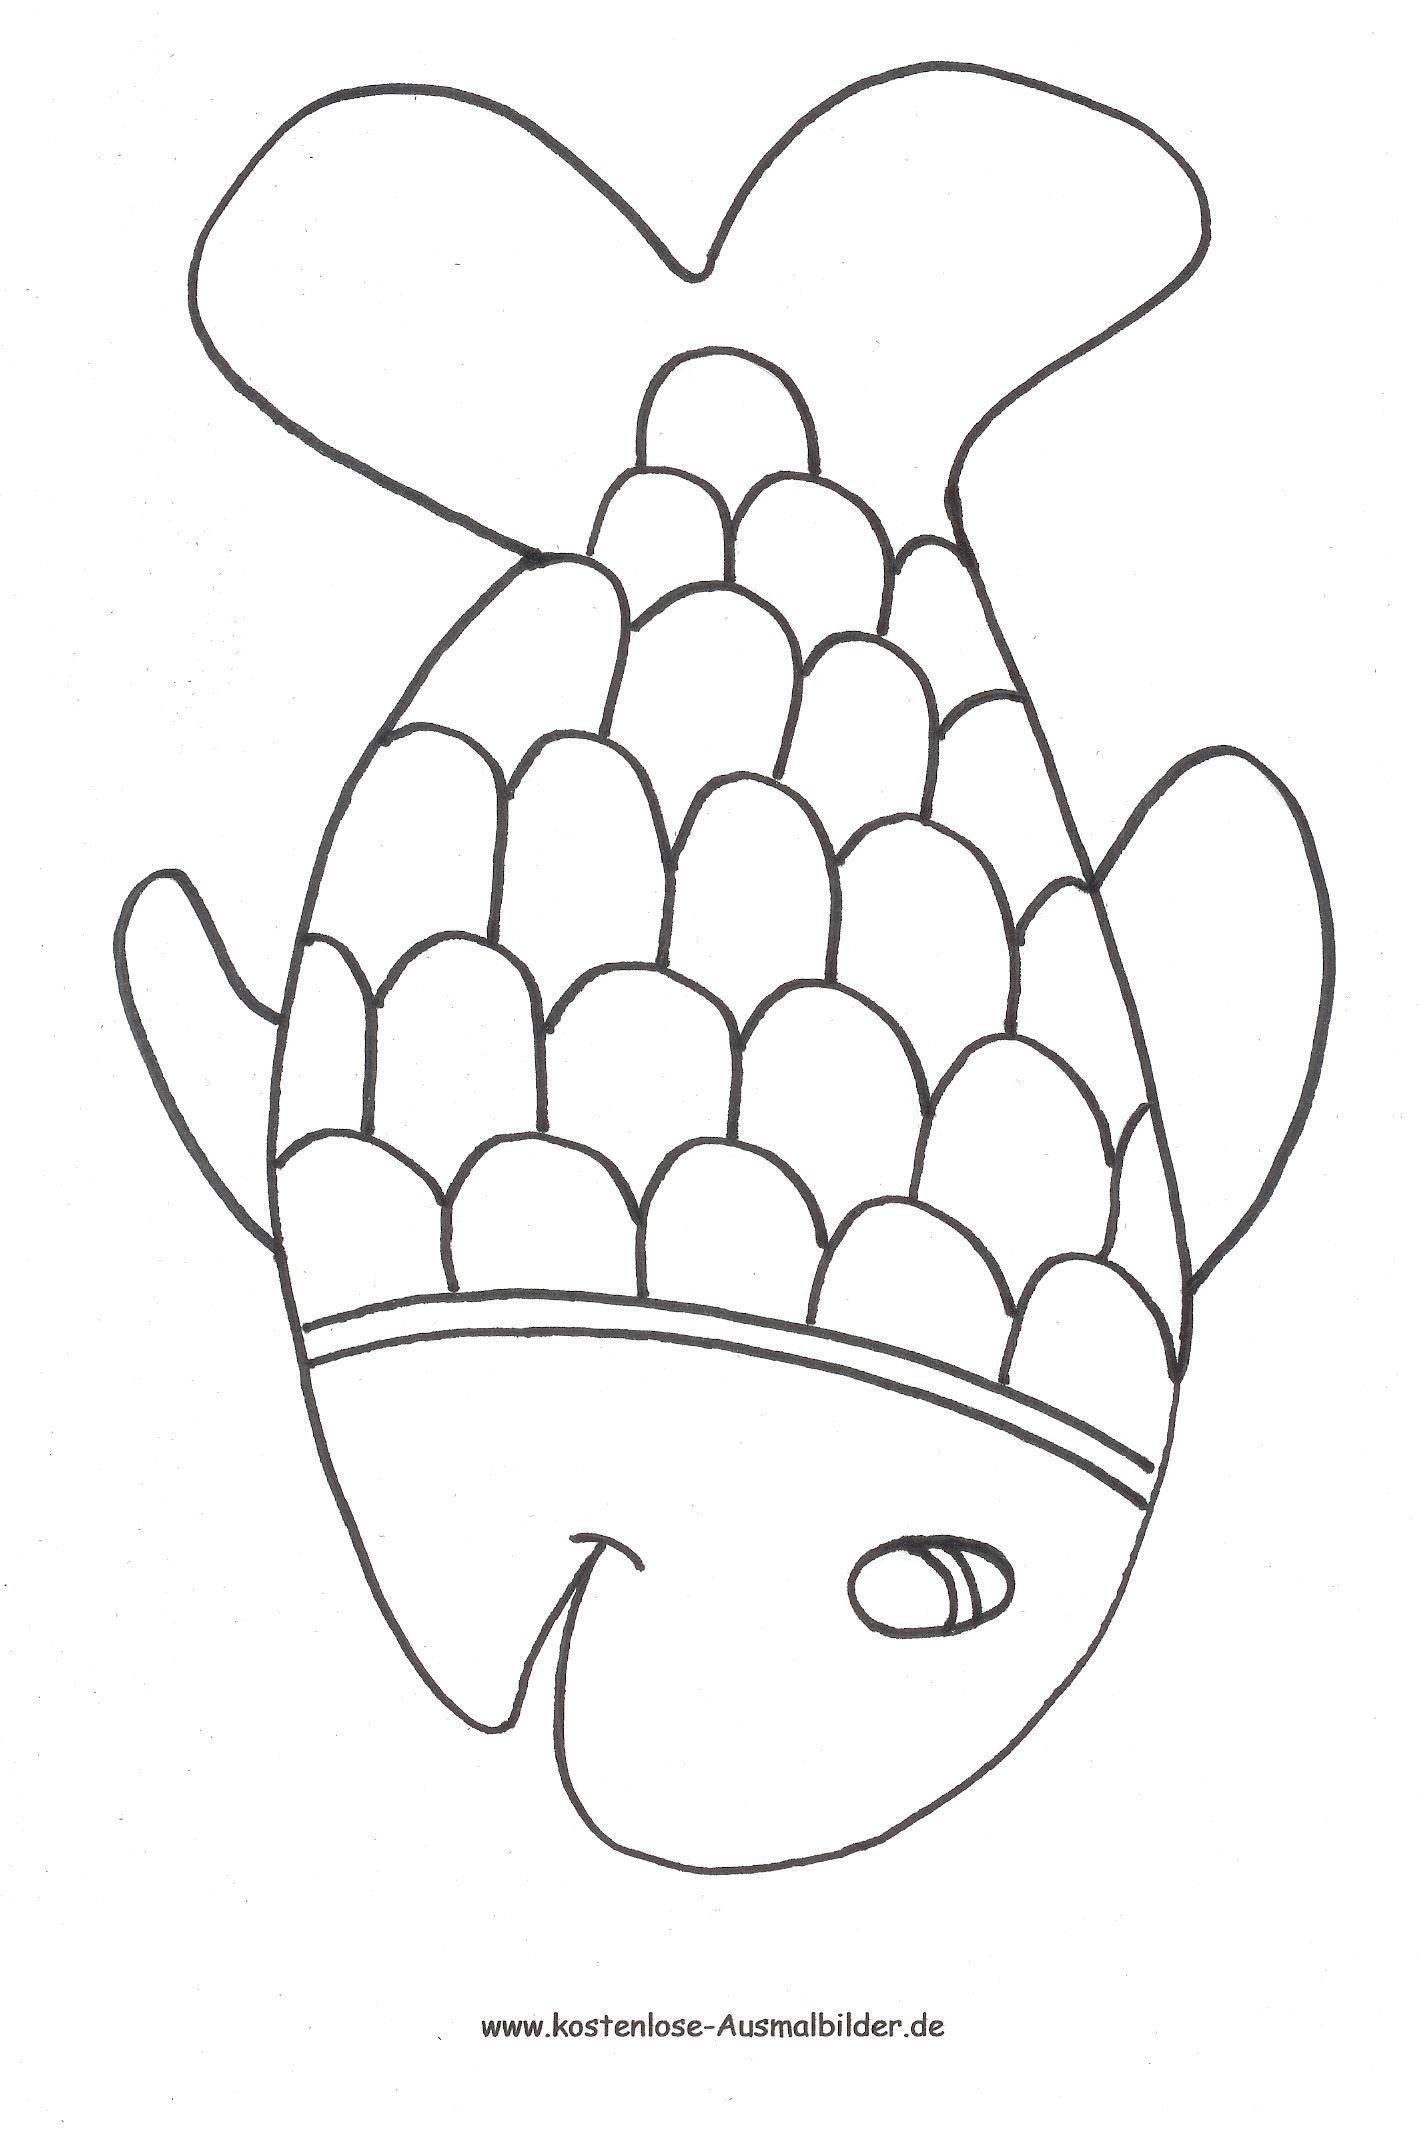 Ausmalbilder Fische Gratis Ausmalbilder Fur Kinder Ausmalbilder Fische Kostenlose Ausmalbilder Fisch Vorlage